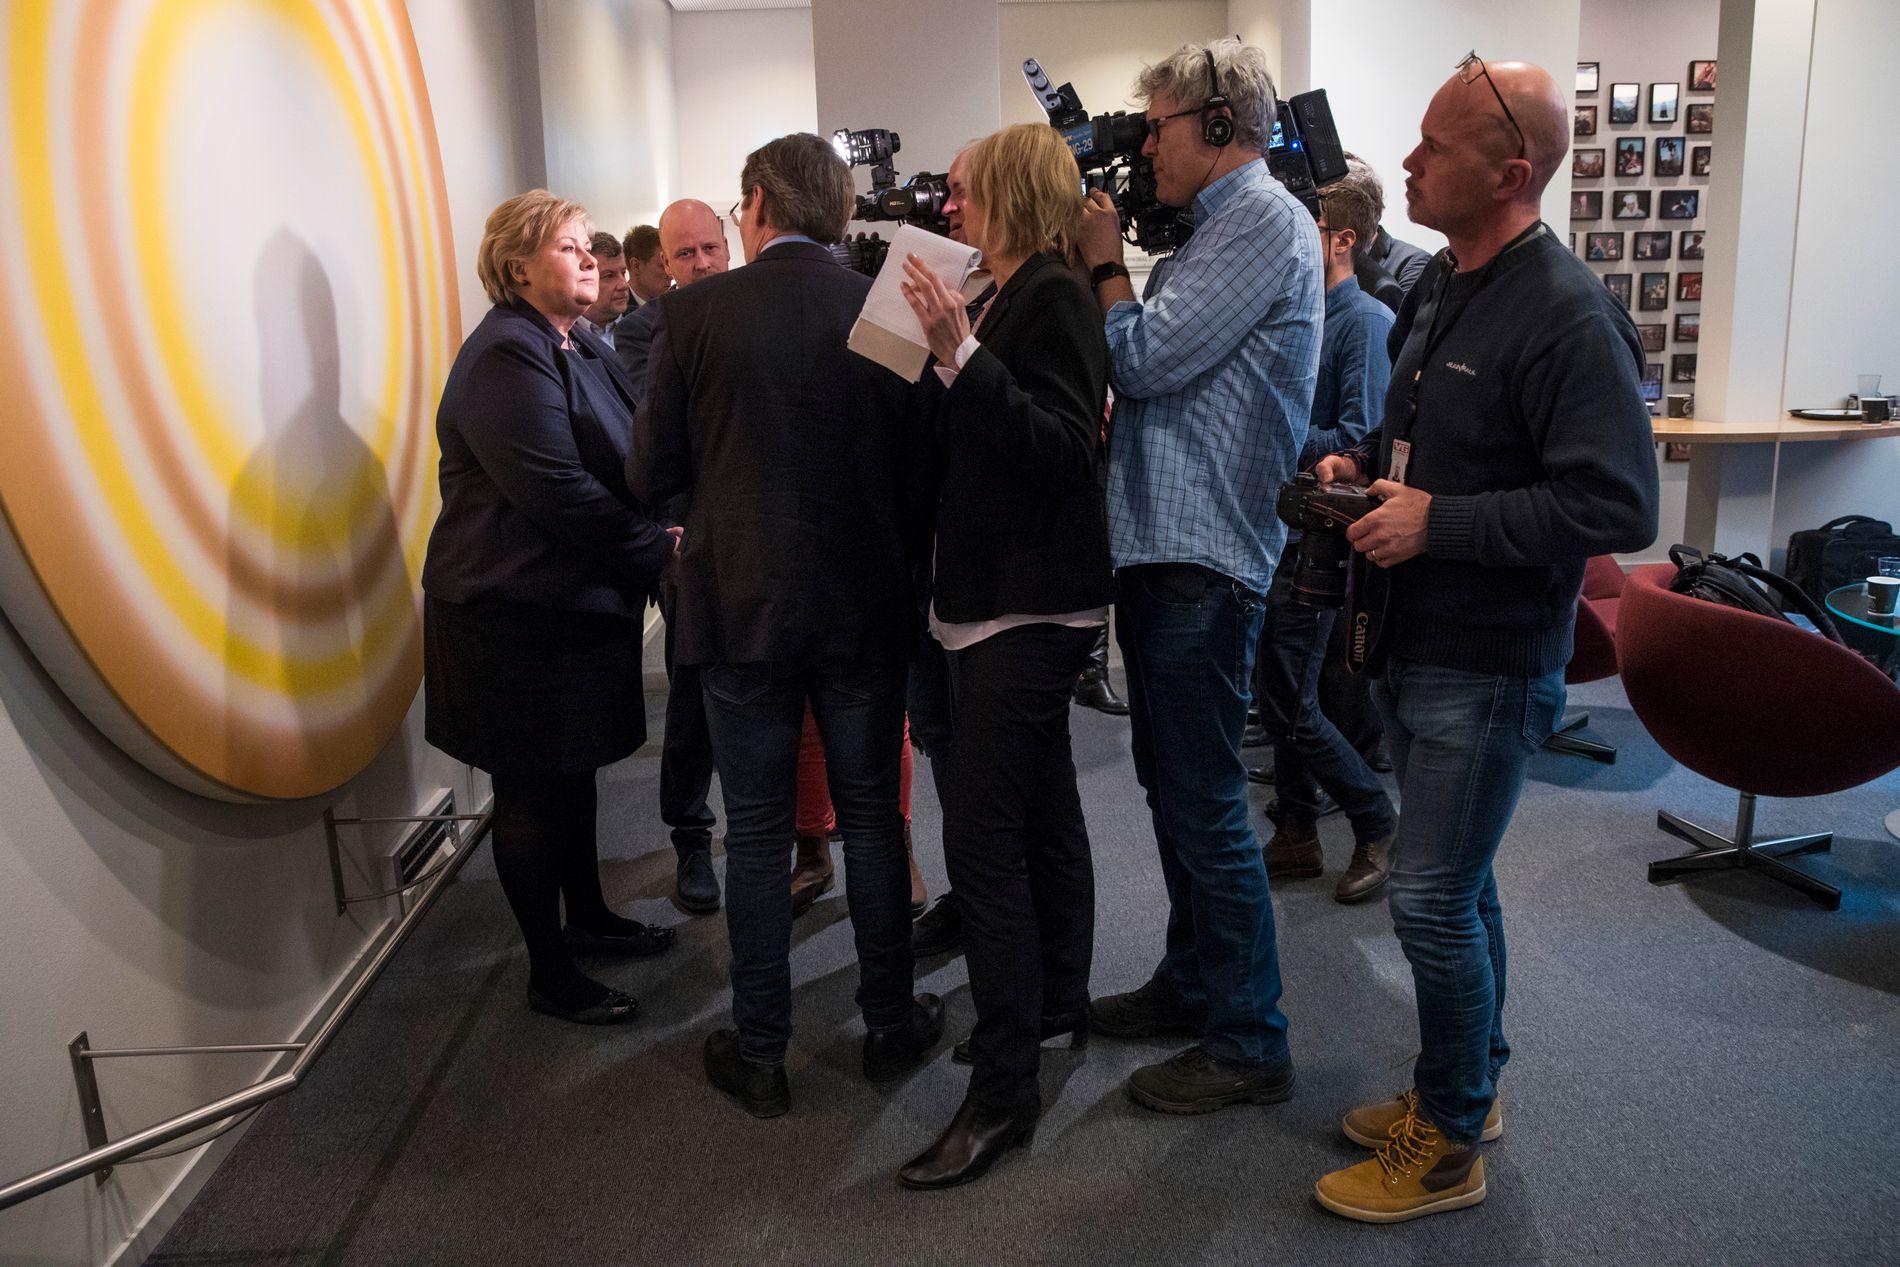 PRESSET: Under mandagens høring vil statsminister Erna Solberg (H) bli konfrontert med en rekke spørsmål. Her fra fjorårets høring.